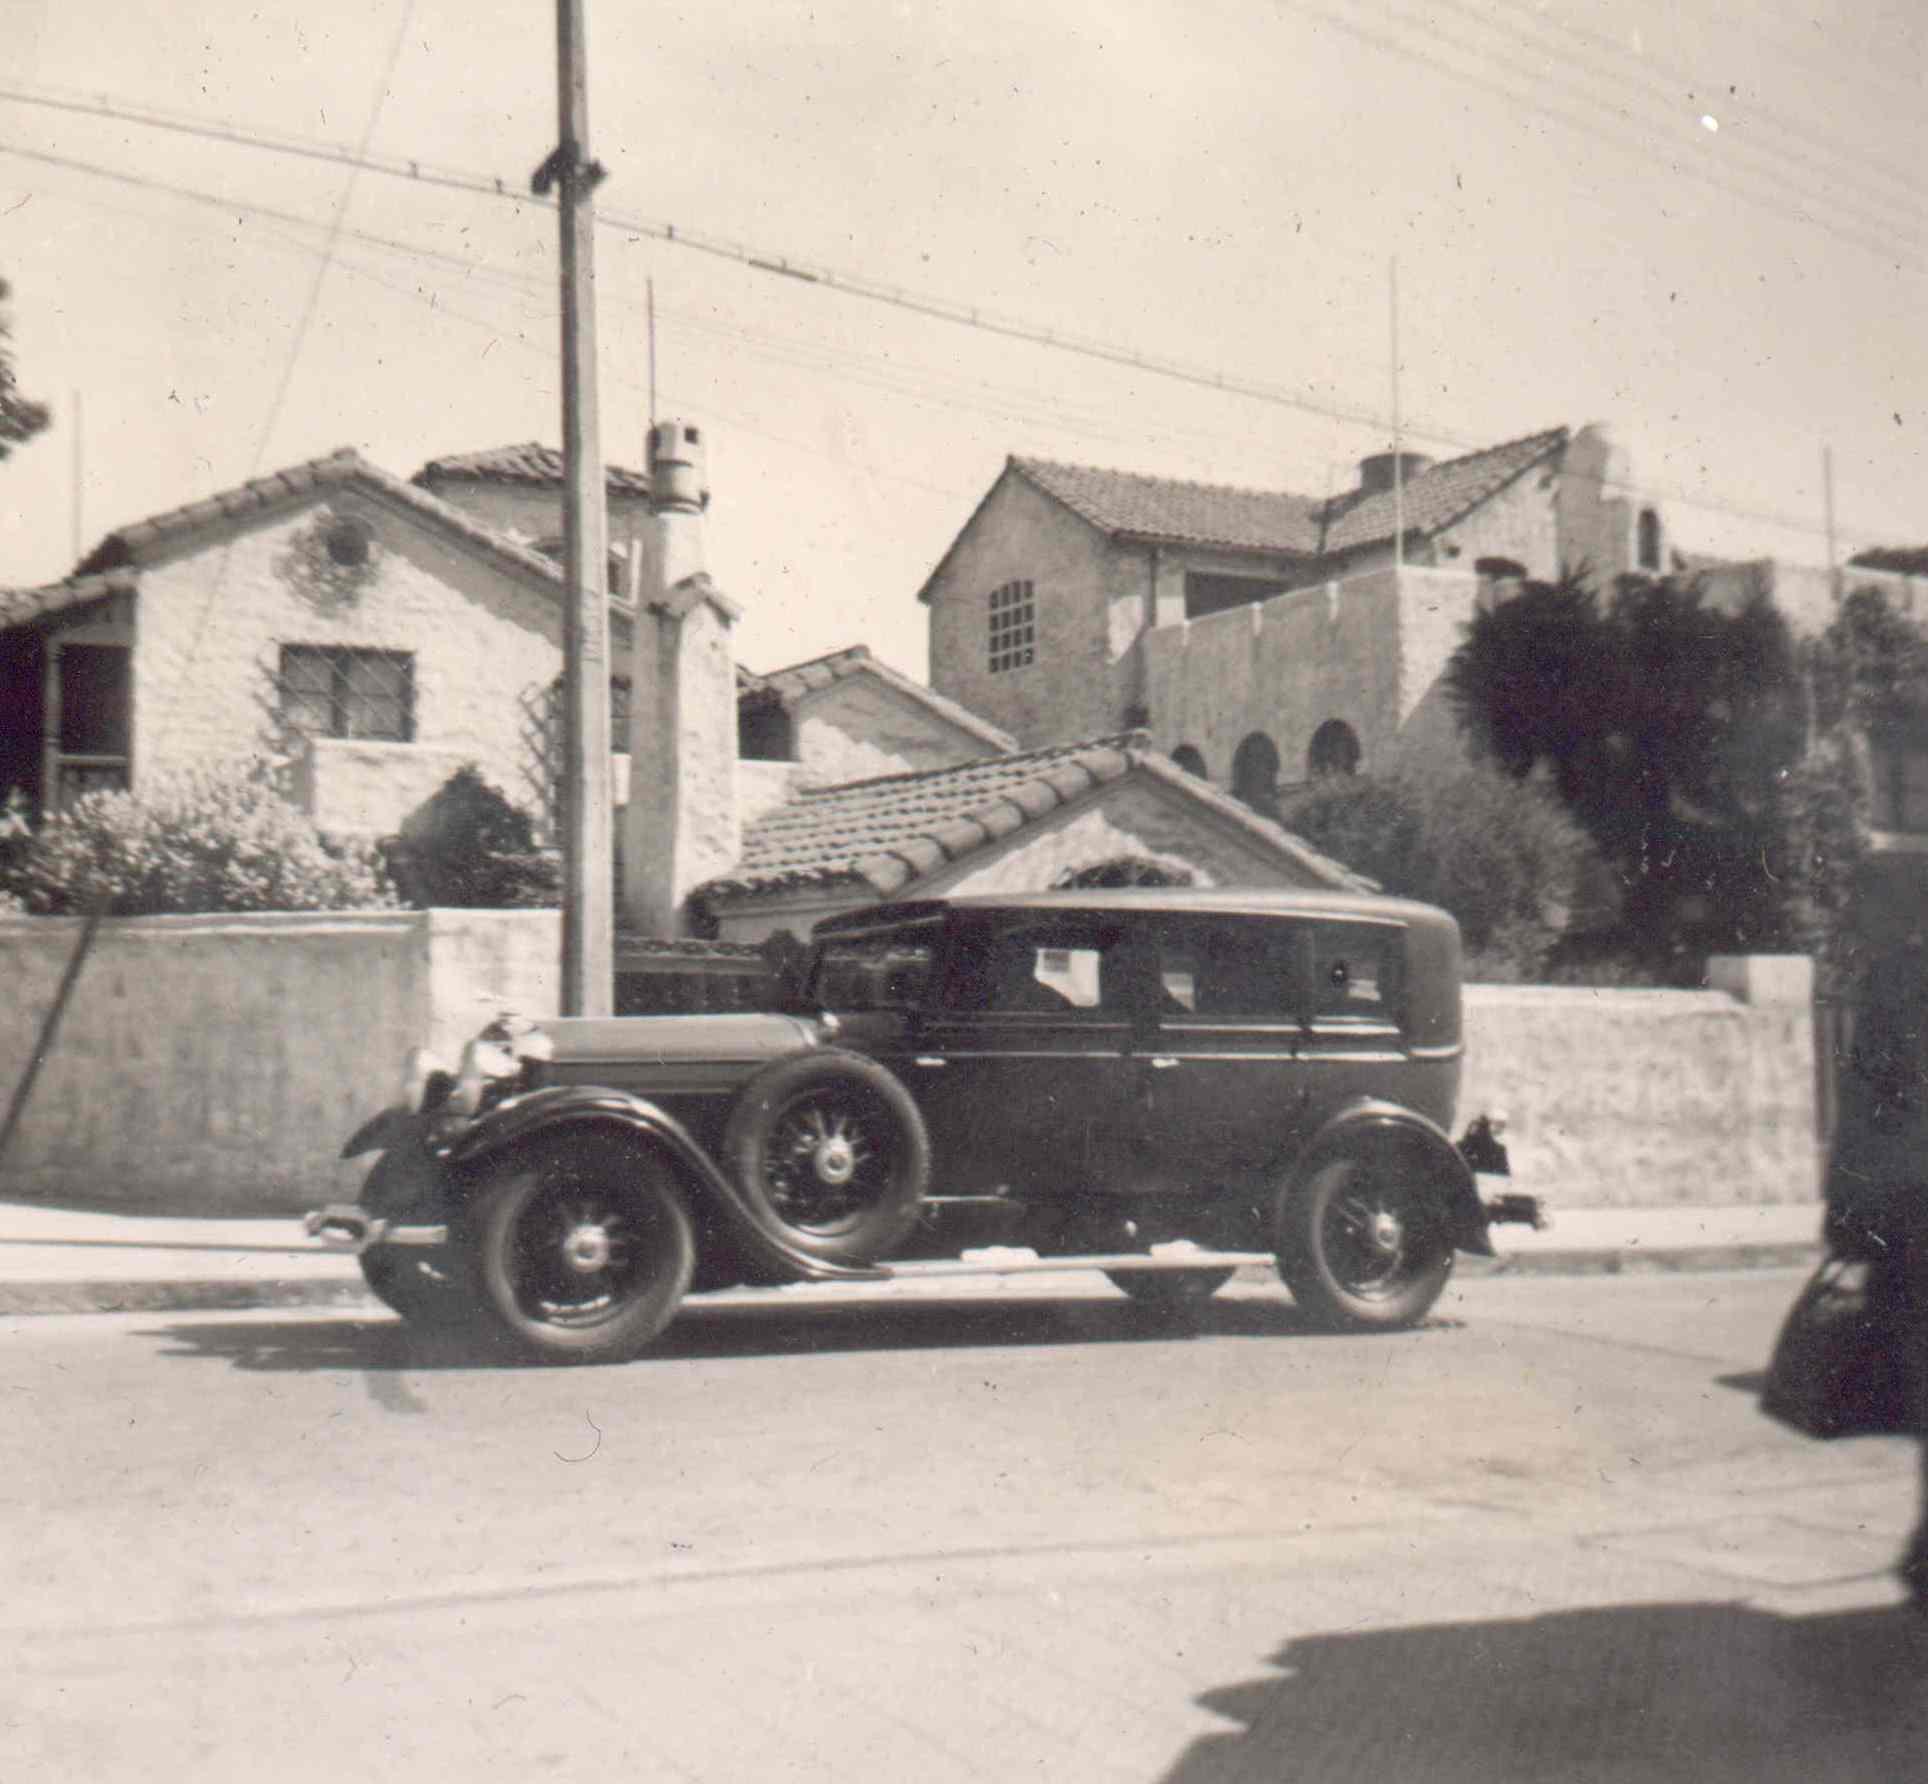 Enterreno - Fotos históricas de chile - fotos antiguas de Chile - Providencia en 1944